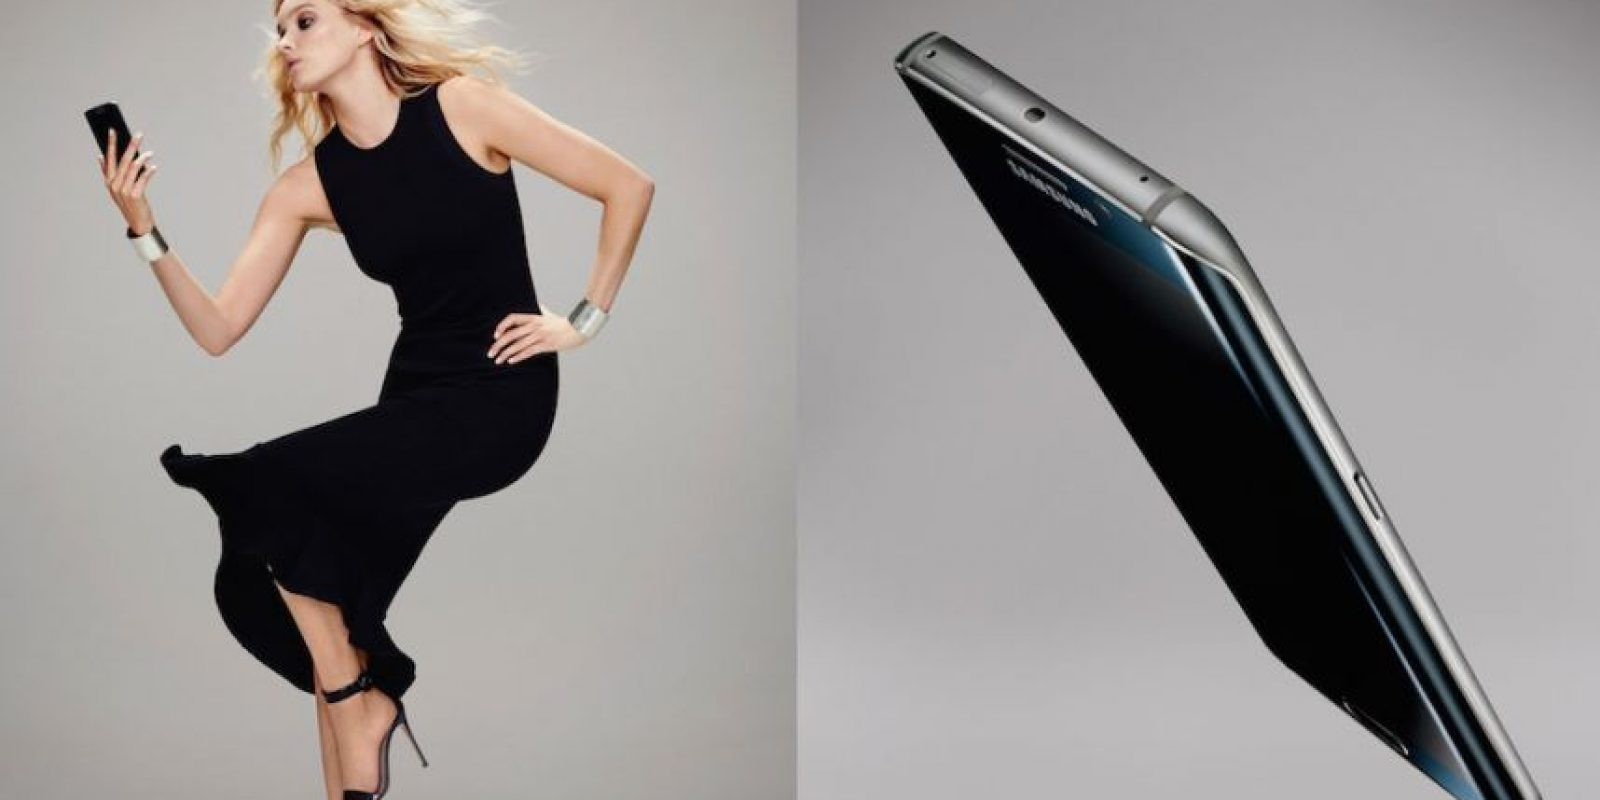 Sus dimensiones son 142.1 * 70.1 * 7 mm. Foto:Samsung